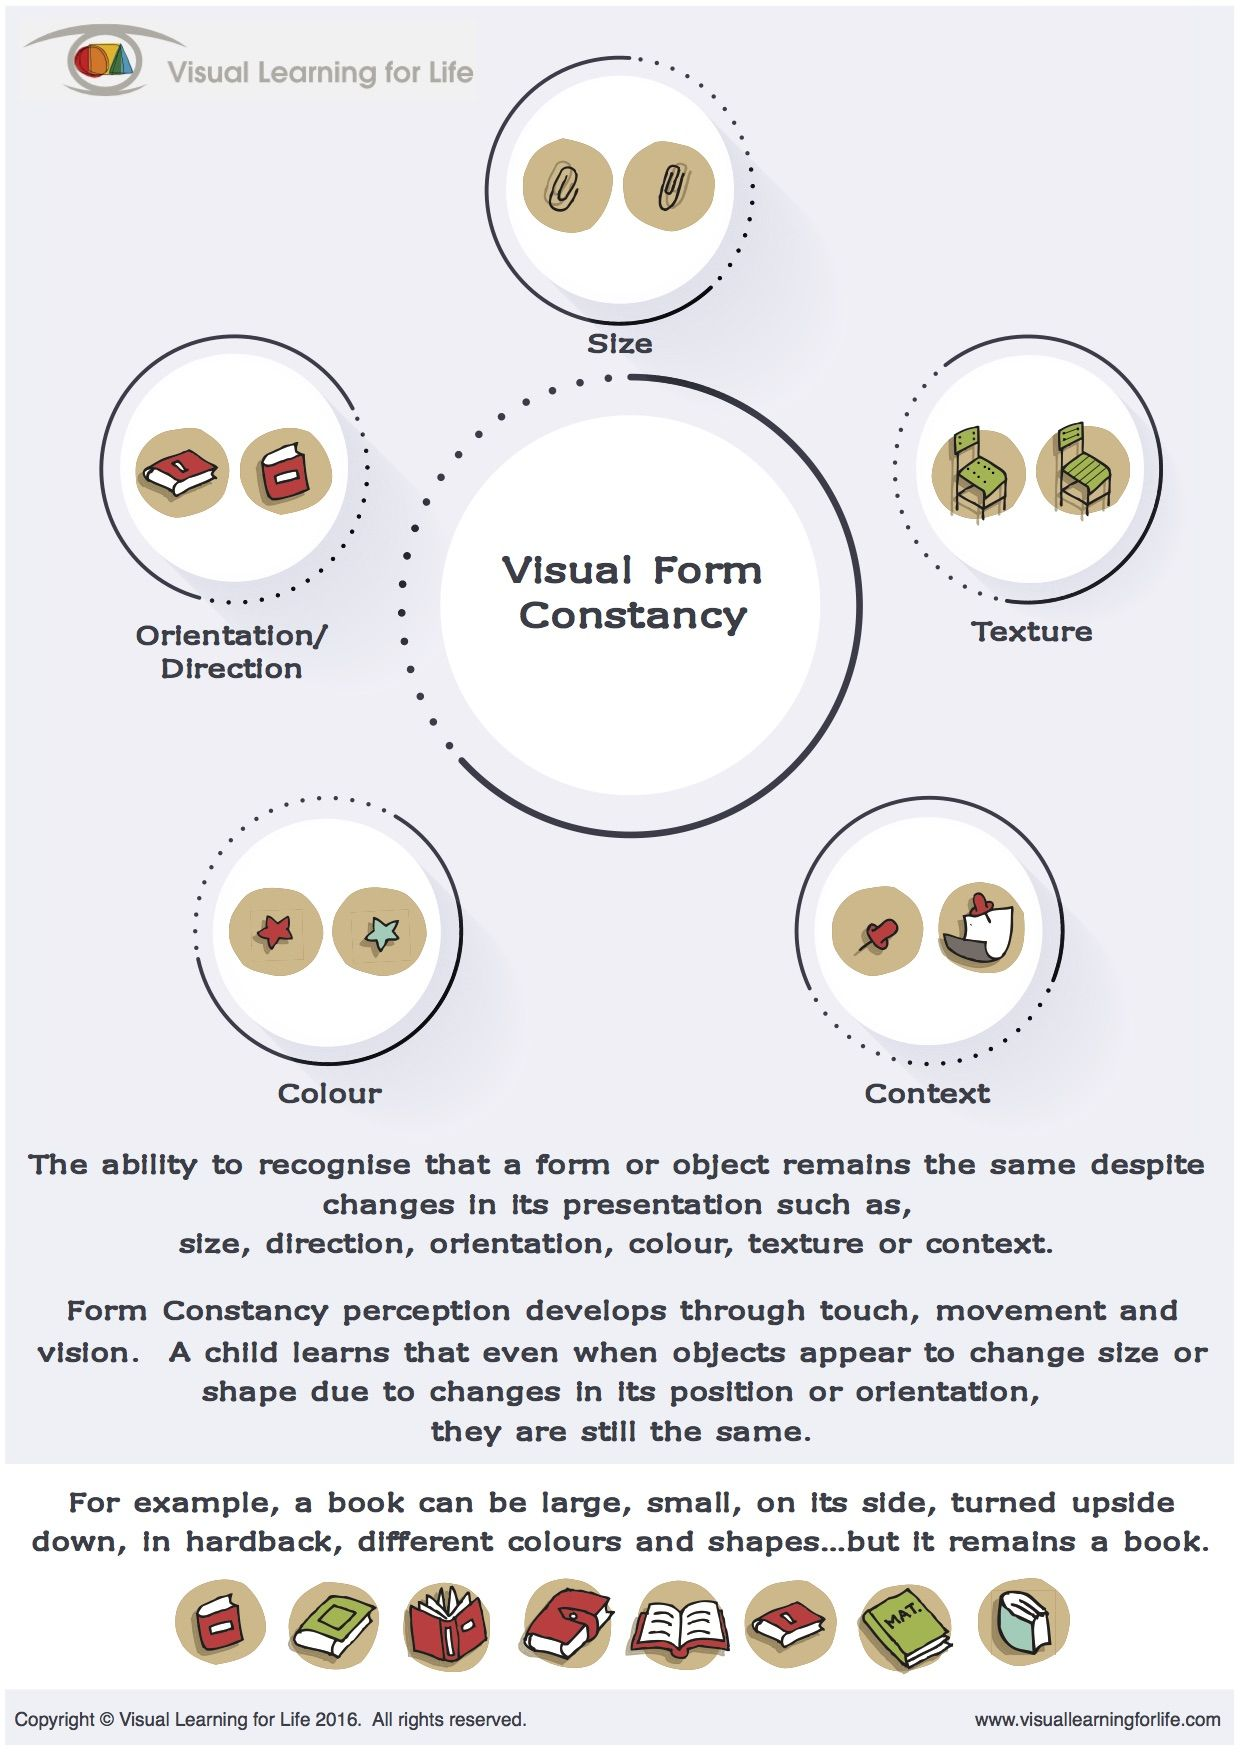 Form Constancy